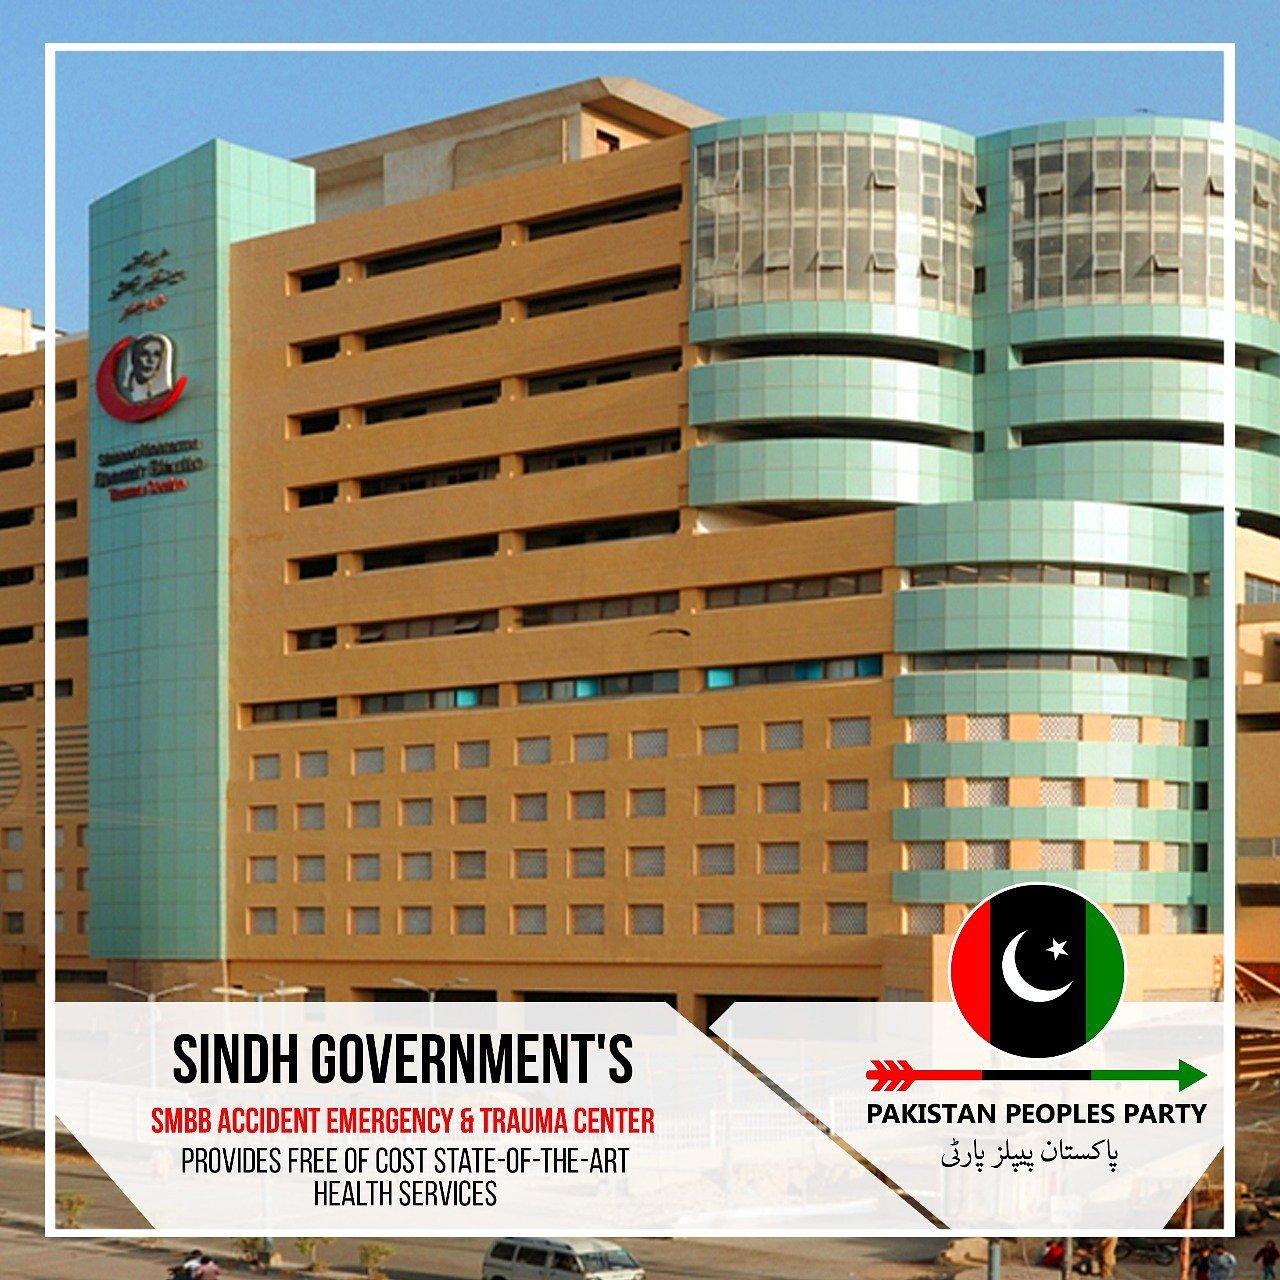 صوبہ سندھ کا سب سے بڑا طبی منصوبہ اب تک مکمل فعال نہ ہوسکا